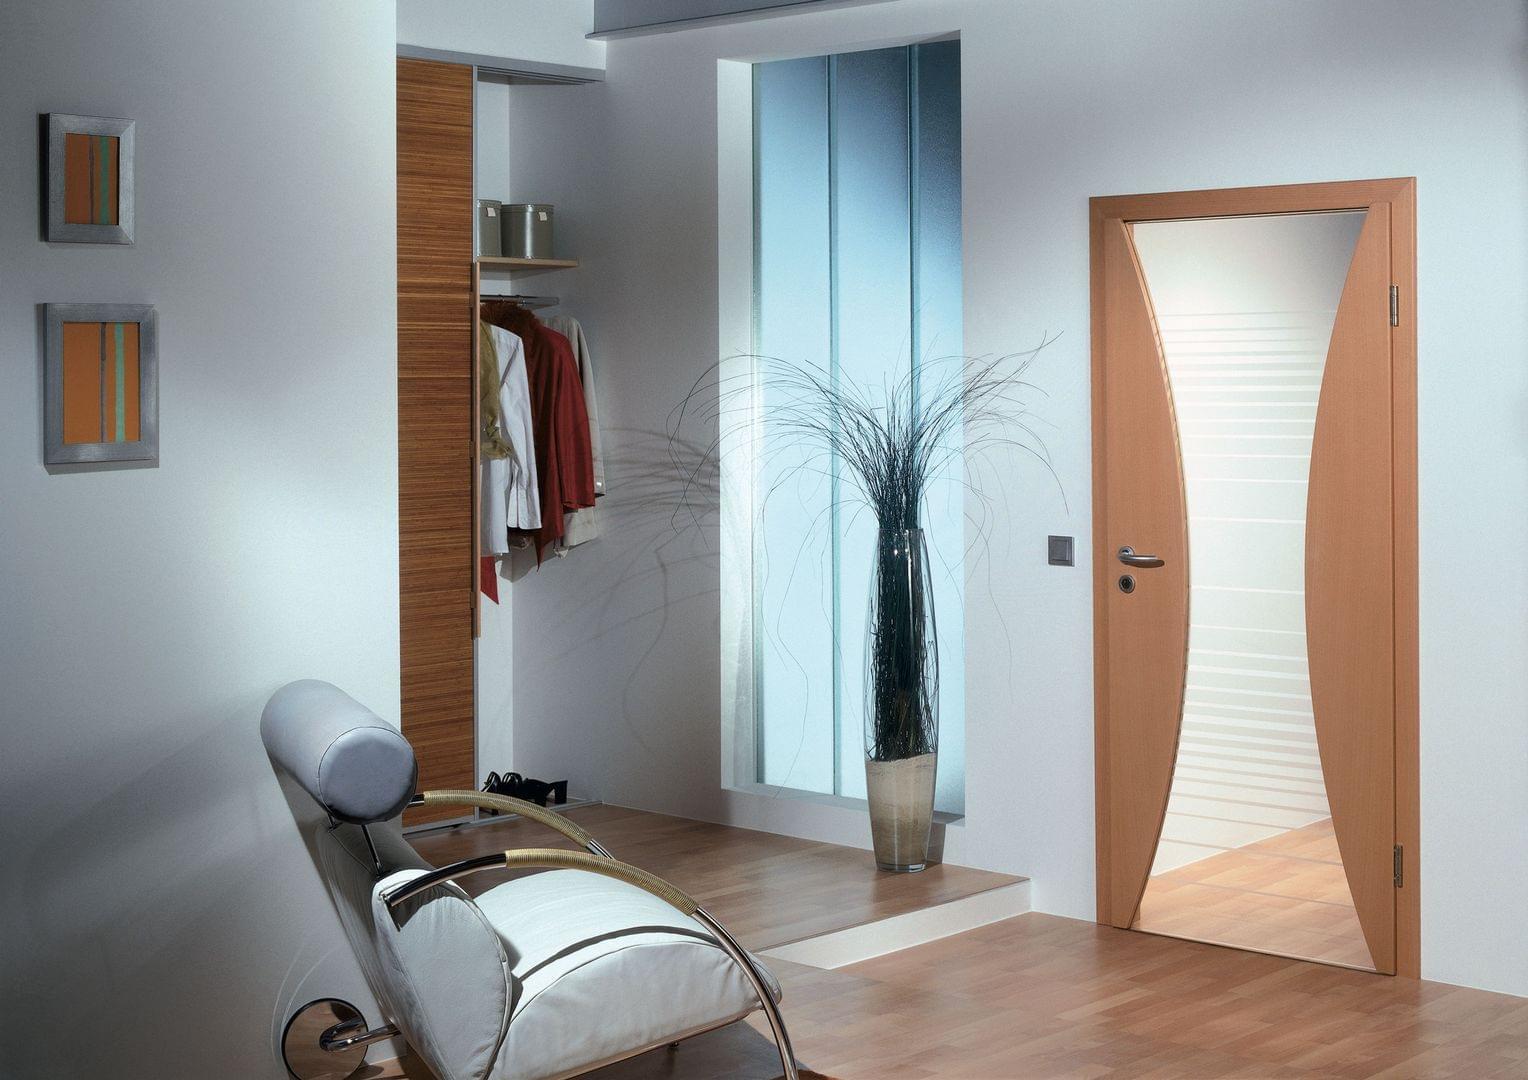 Межкомнатные двери как правильно выбрать: в квартиру, по качеству, виды | ремонтсами! | информационный портал